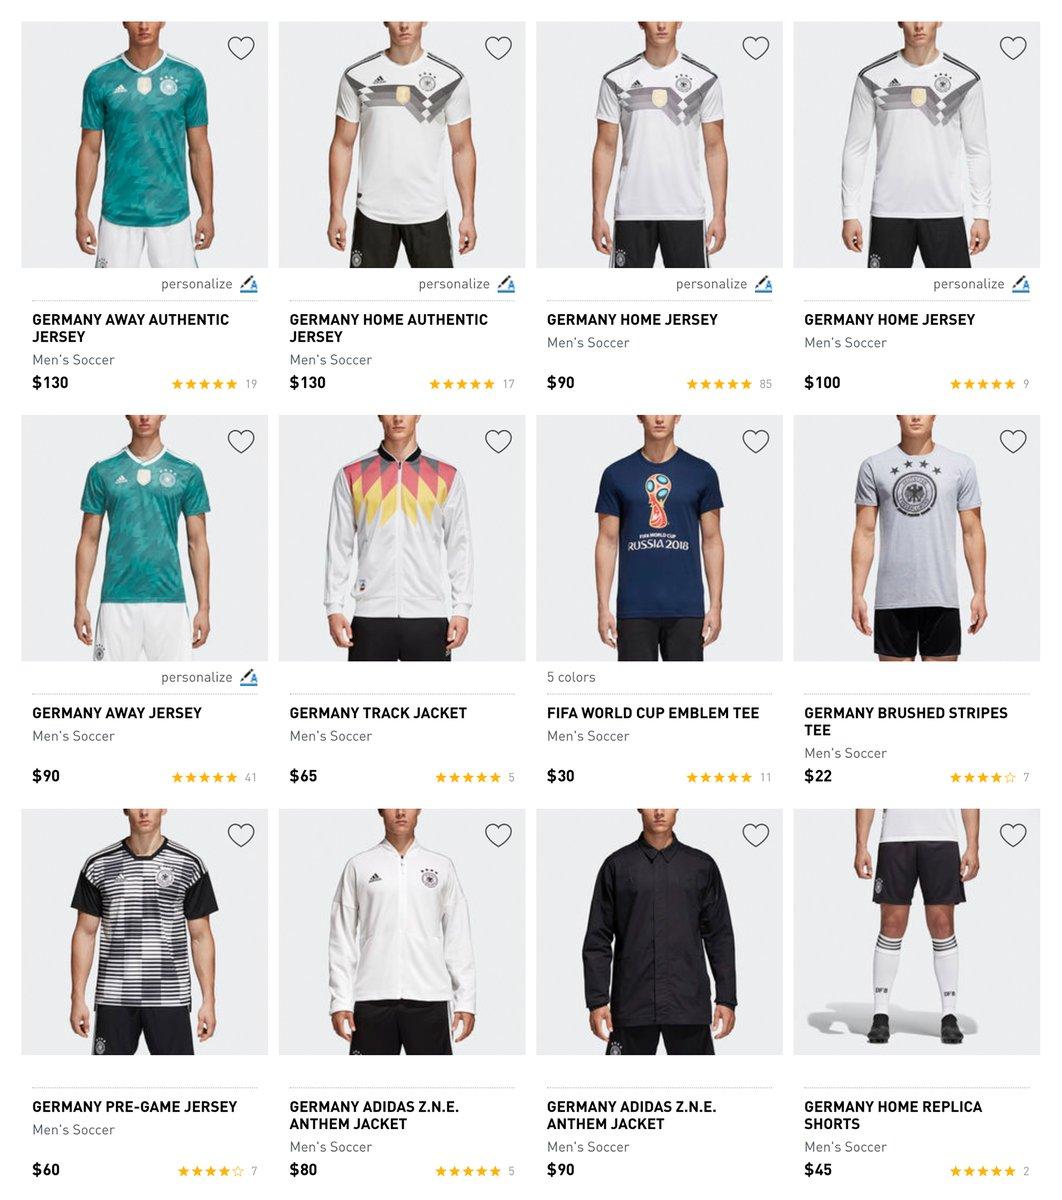 08e364051 Adidas faz liquidação de material esportivo da Alemanha após eliminação